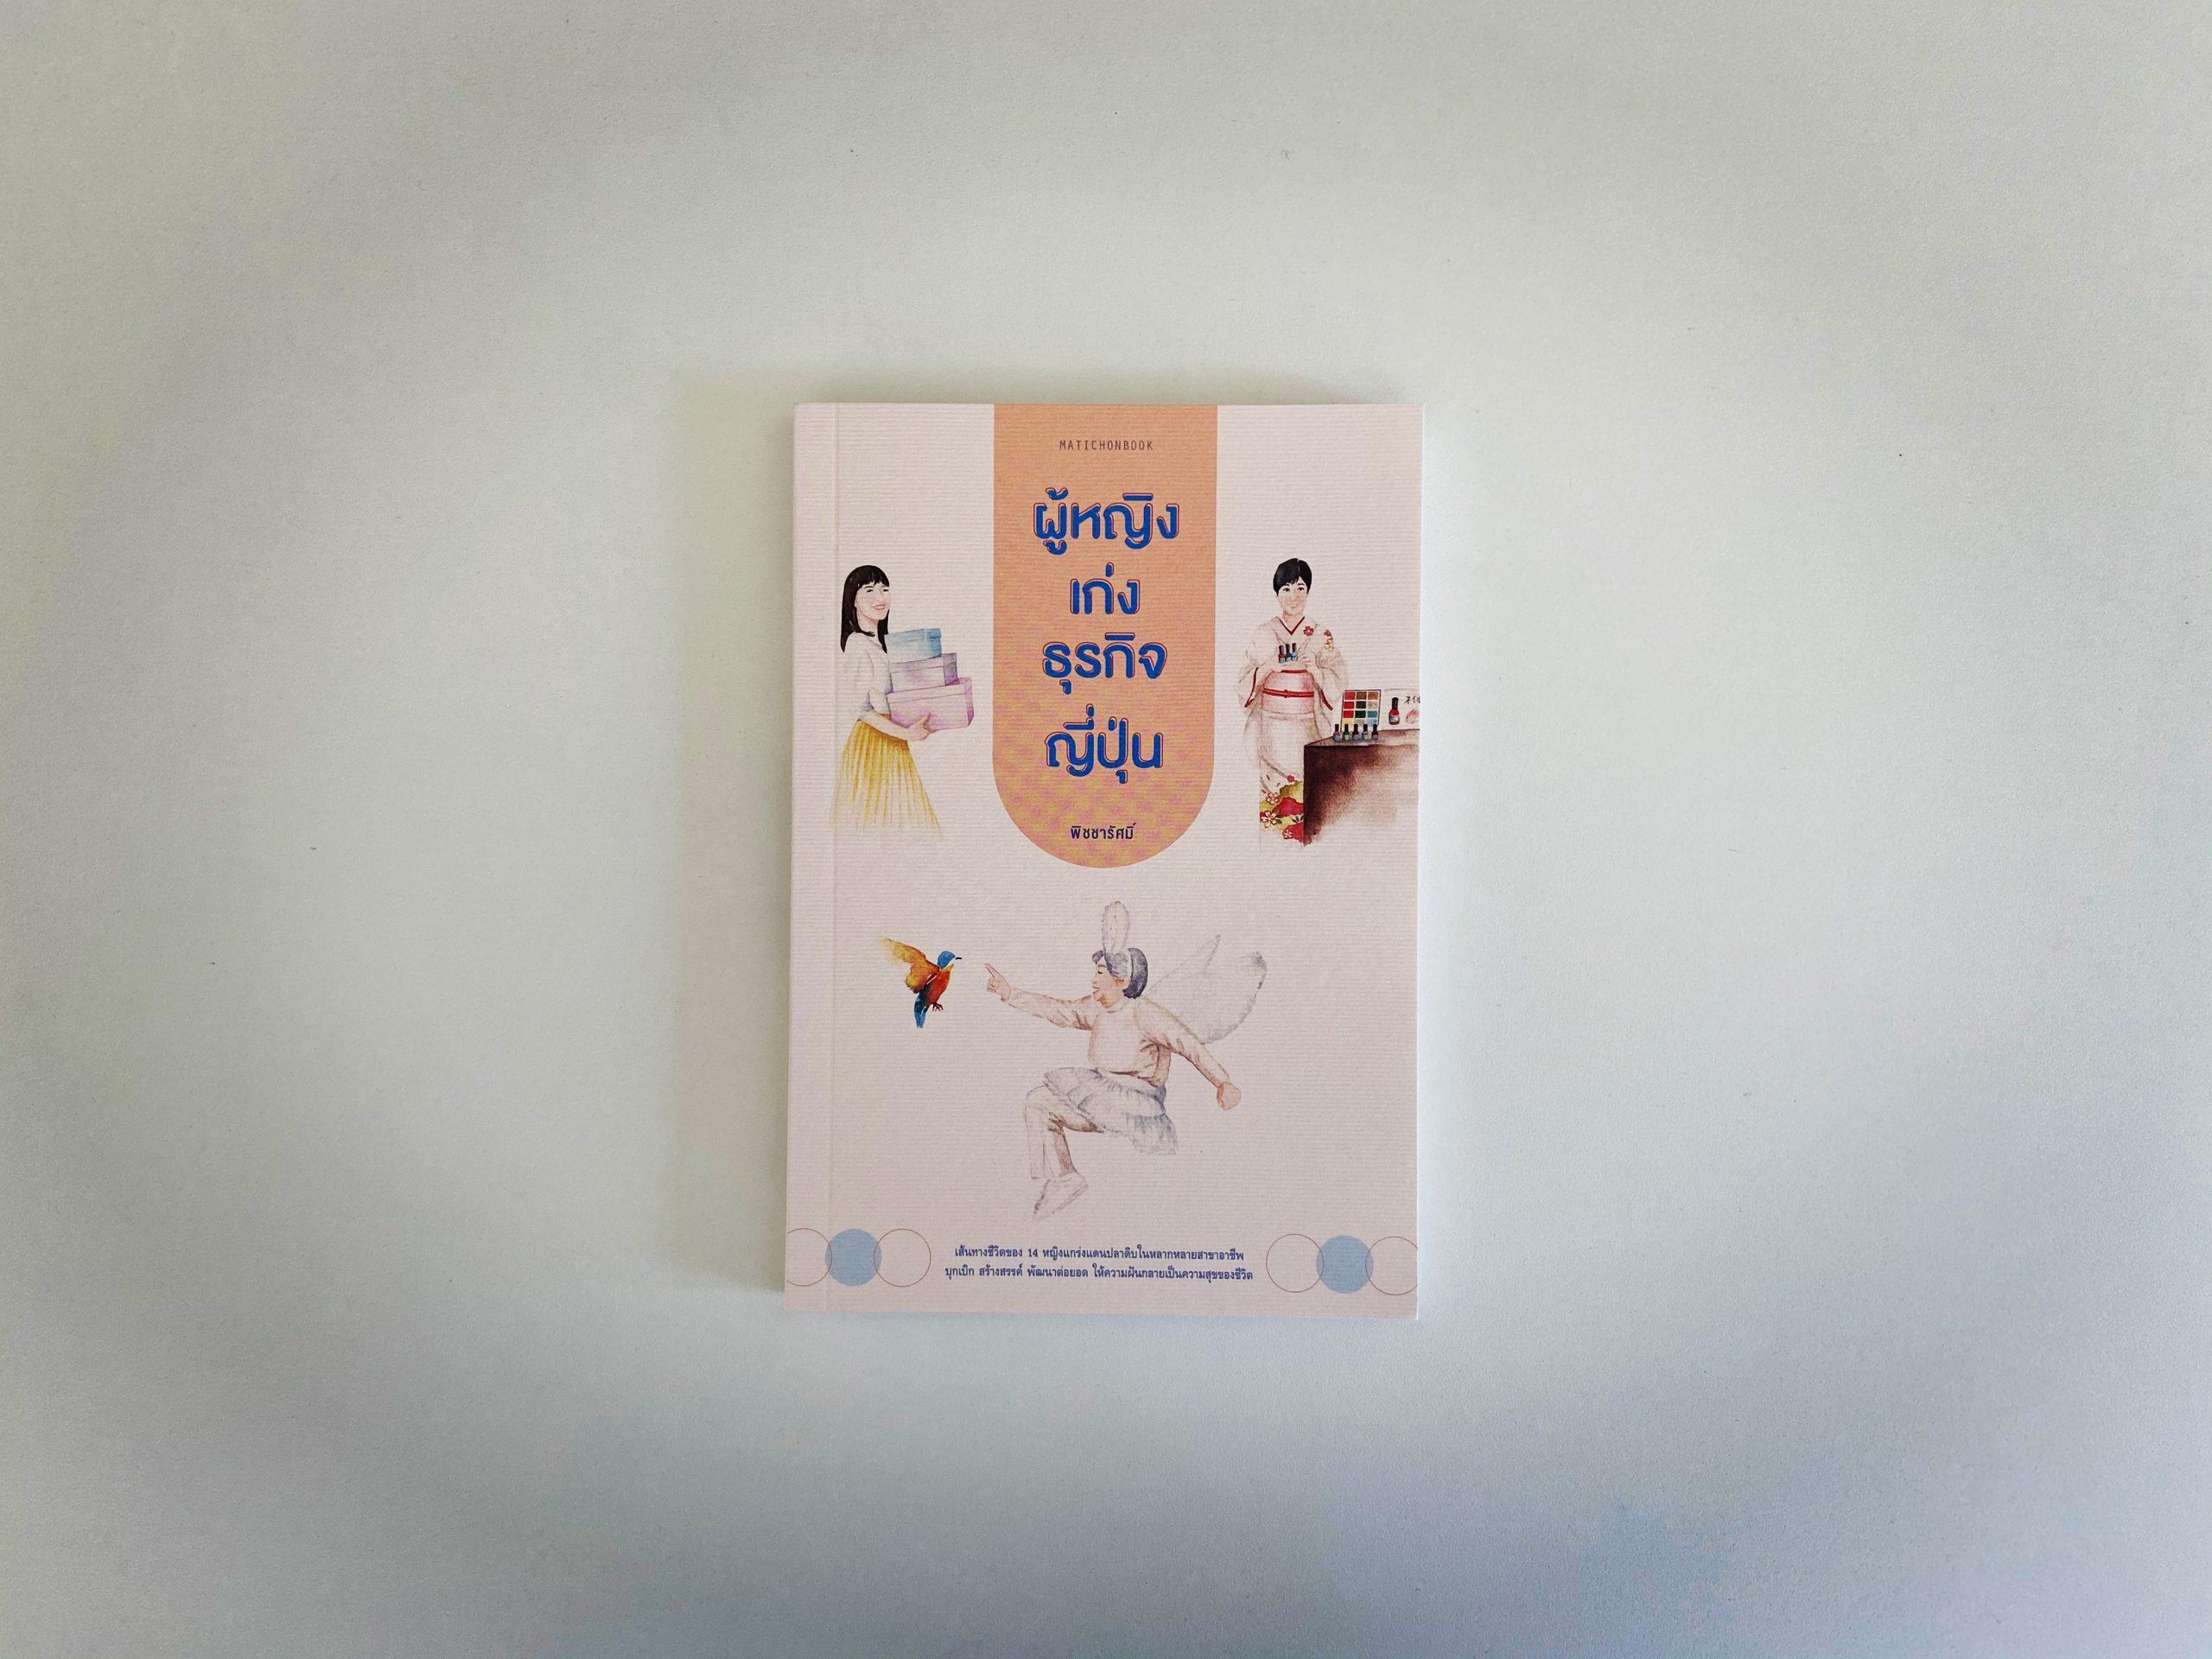 สรุปหนังสือ ผู้หญิงเก่งธุรกิจญี่ปุ่น พิชชารัศมิ์